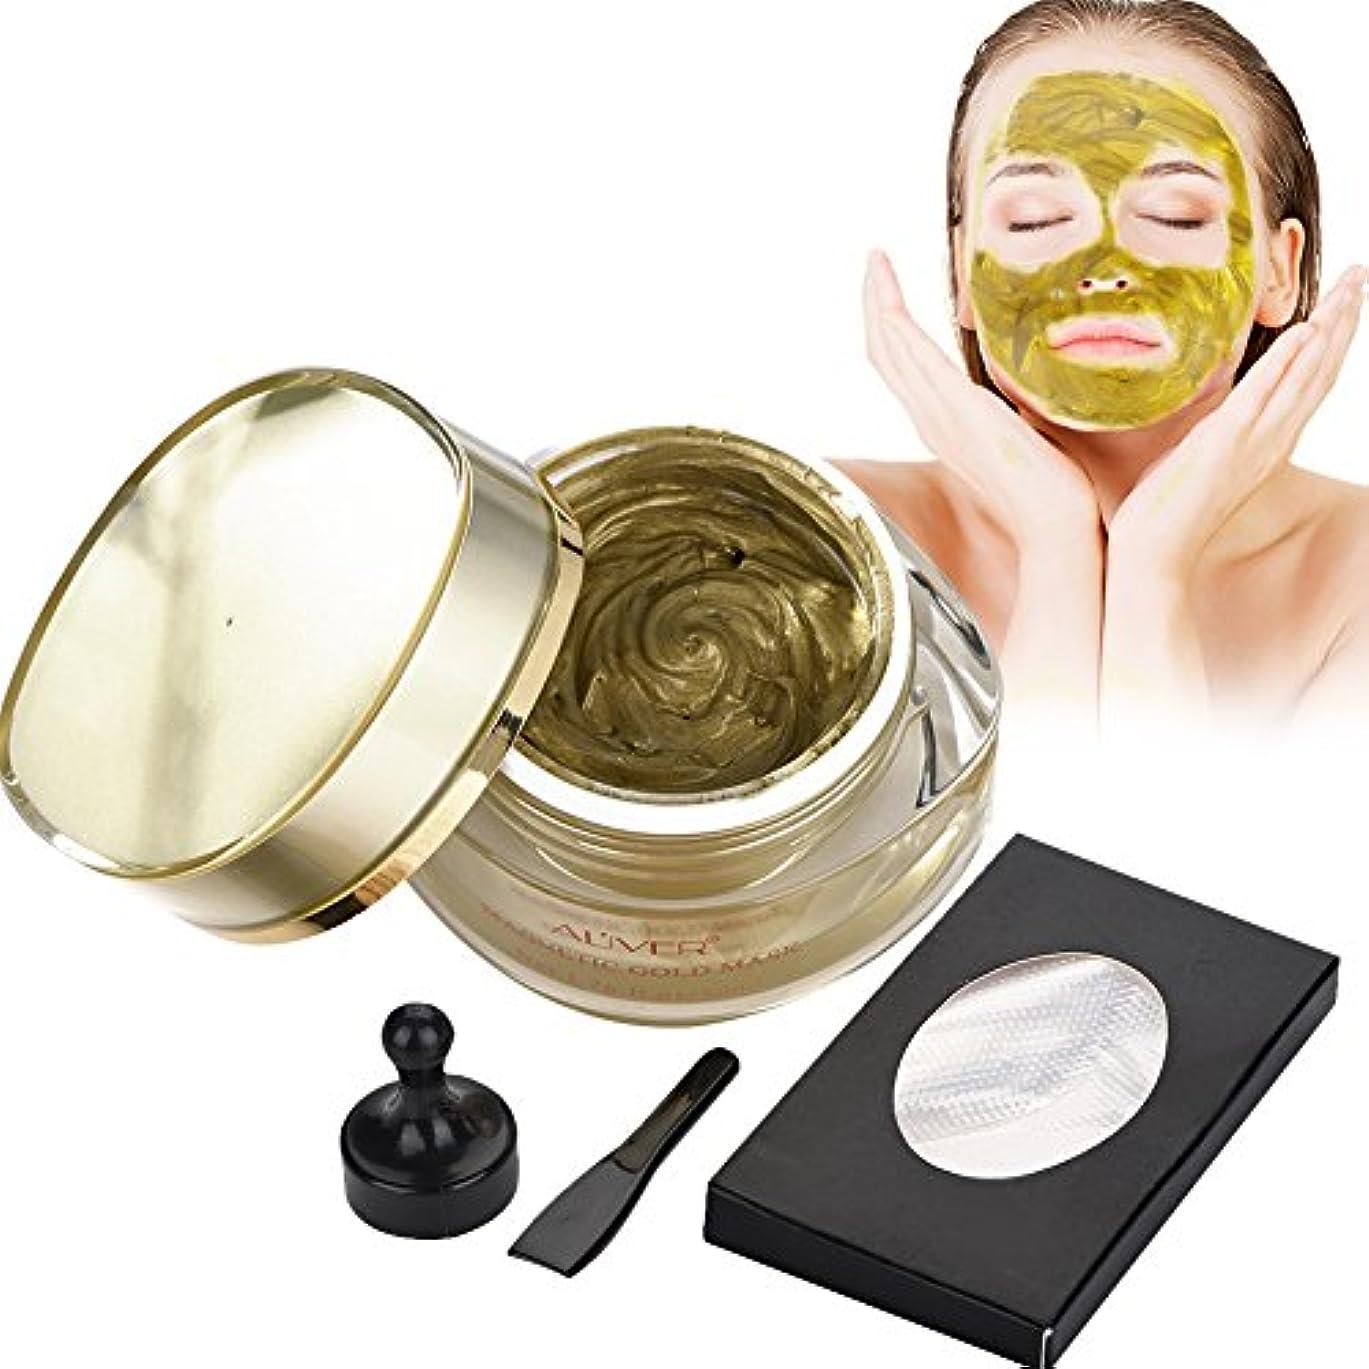 祭司インゲン君主制磁気ゴールドマスク、フェイシャルスキンケア 自然成分 ミネラルリッチ ディープクレンジングポア 人気があり